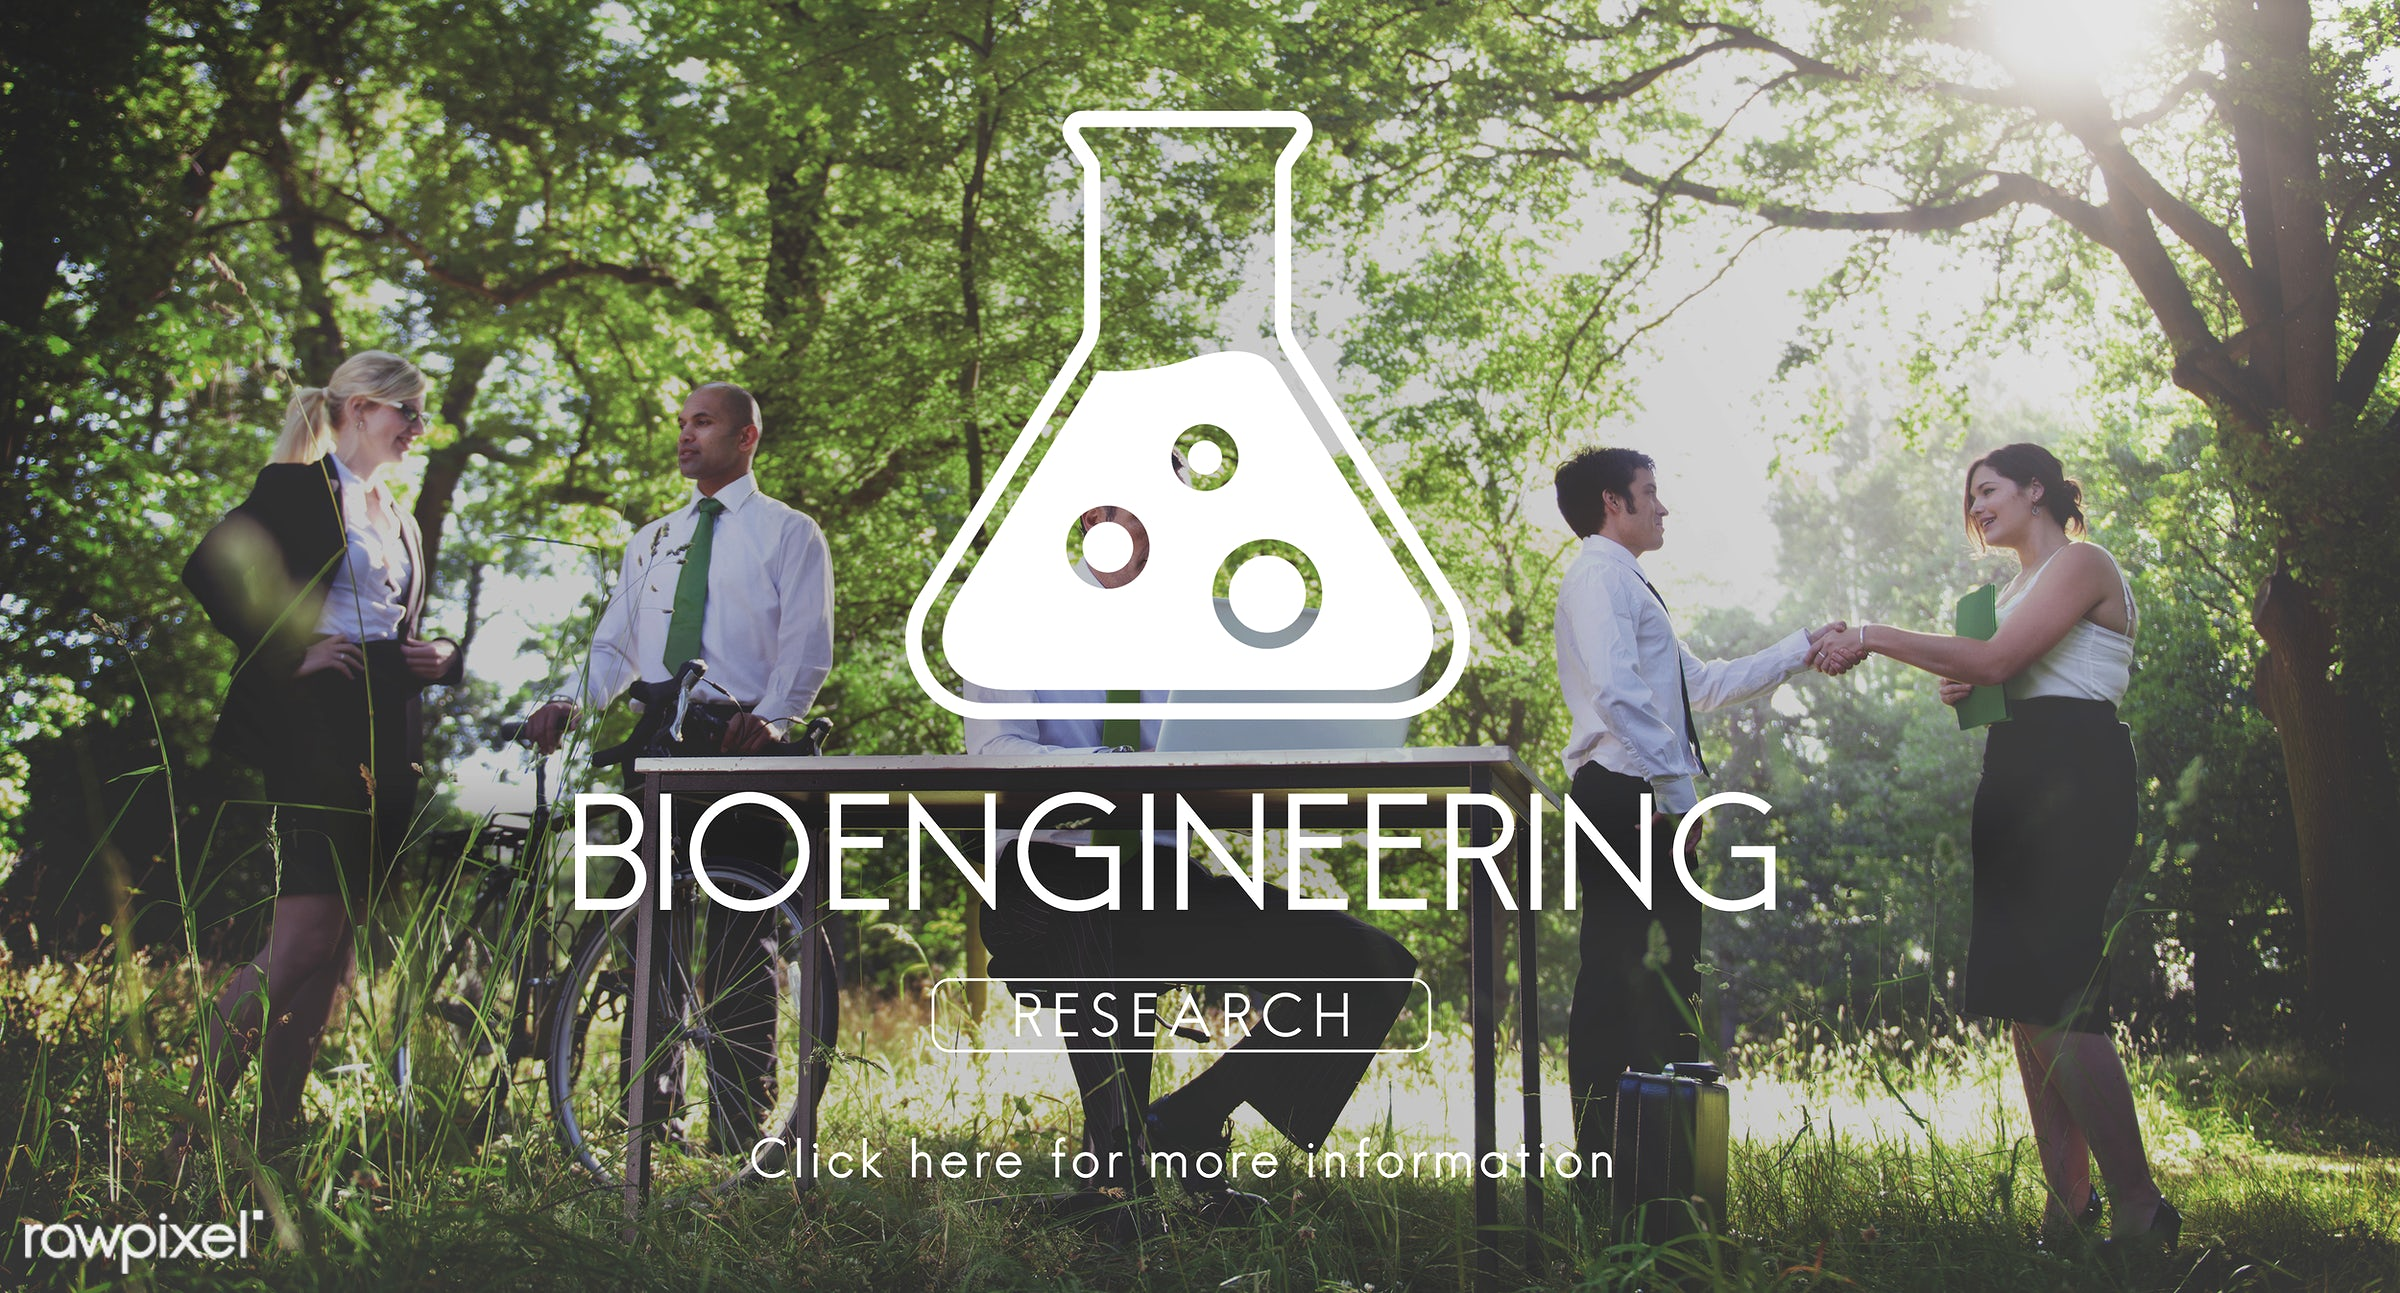 beaker, bicycle, biochemistry, bioengineering, biological, biology, biotech, business, chemistry, corporate, eco friendly,...